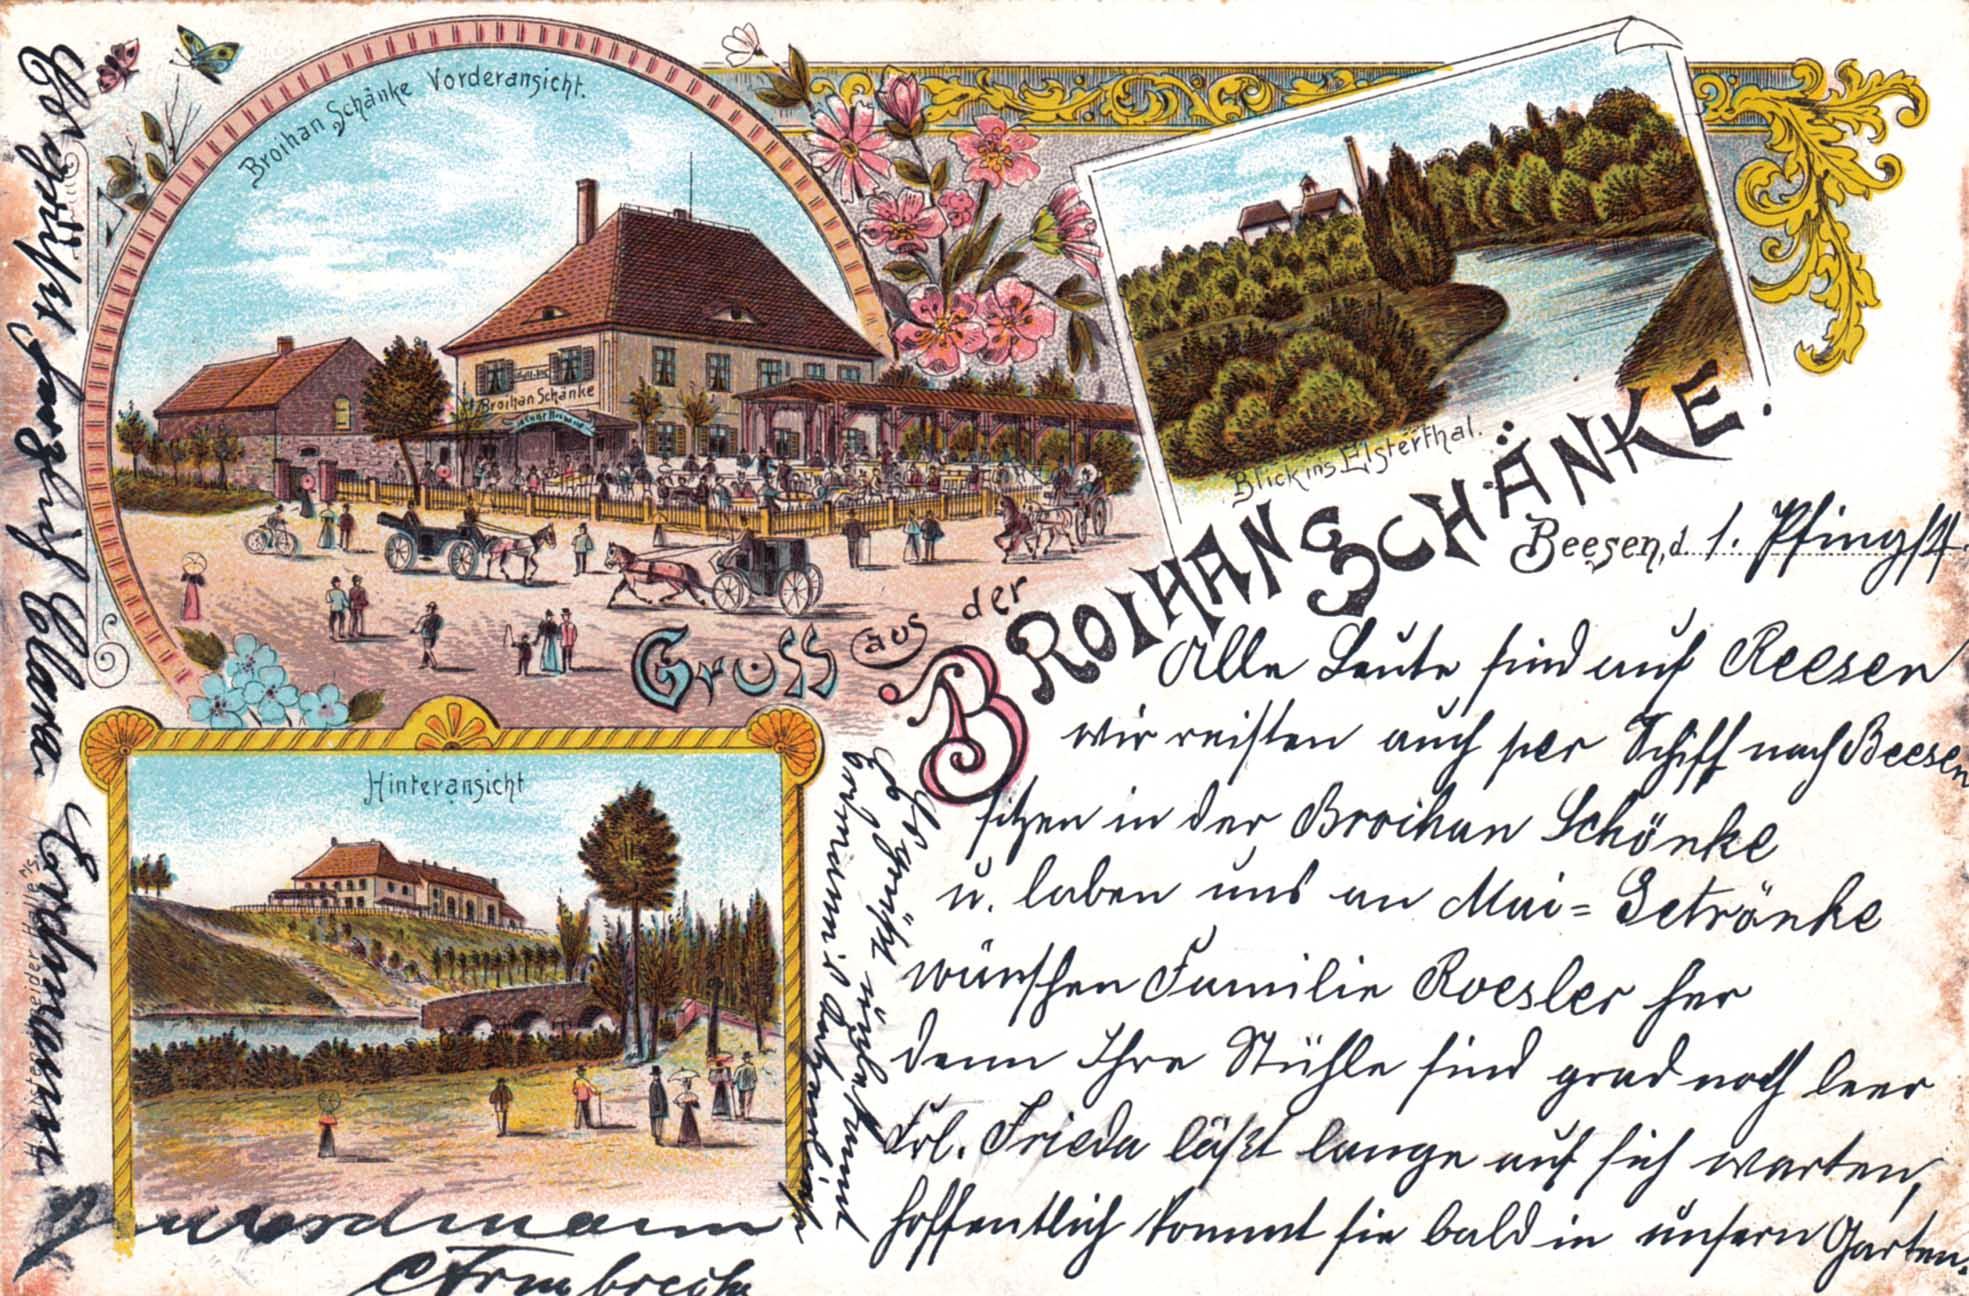 Ansichtskarte von 1899 von Clara Erdmann an Robert Roesler in Peitz